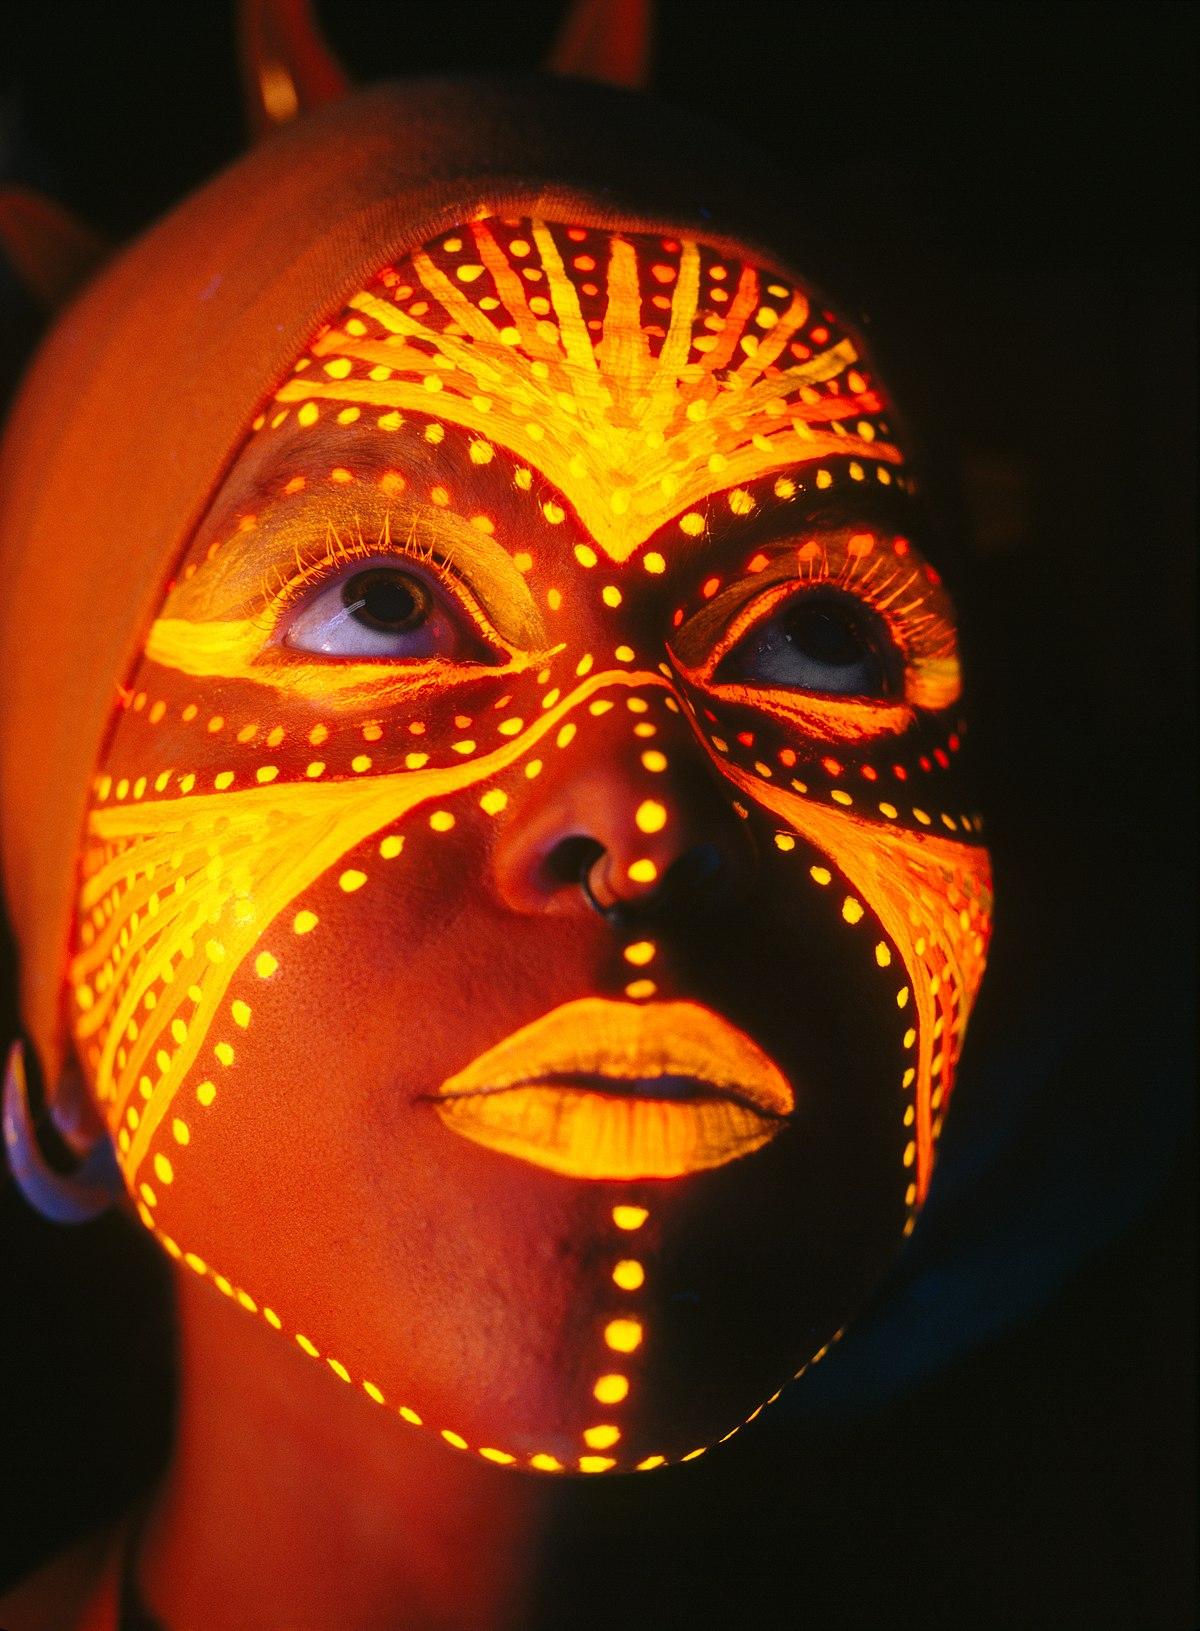 Pintura corporal wikipedia la enciclopedia libre Espectaculo artistico de caracter excepcional